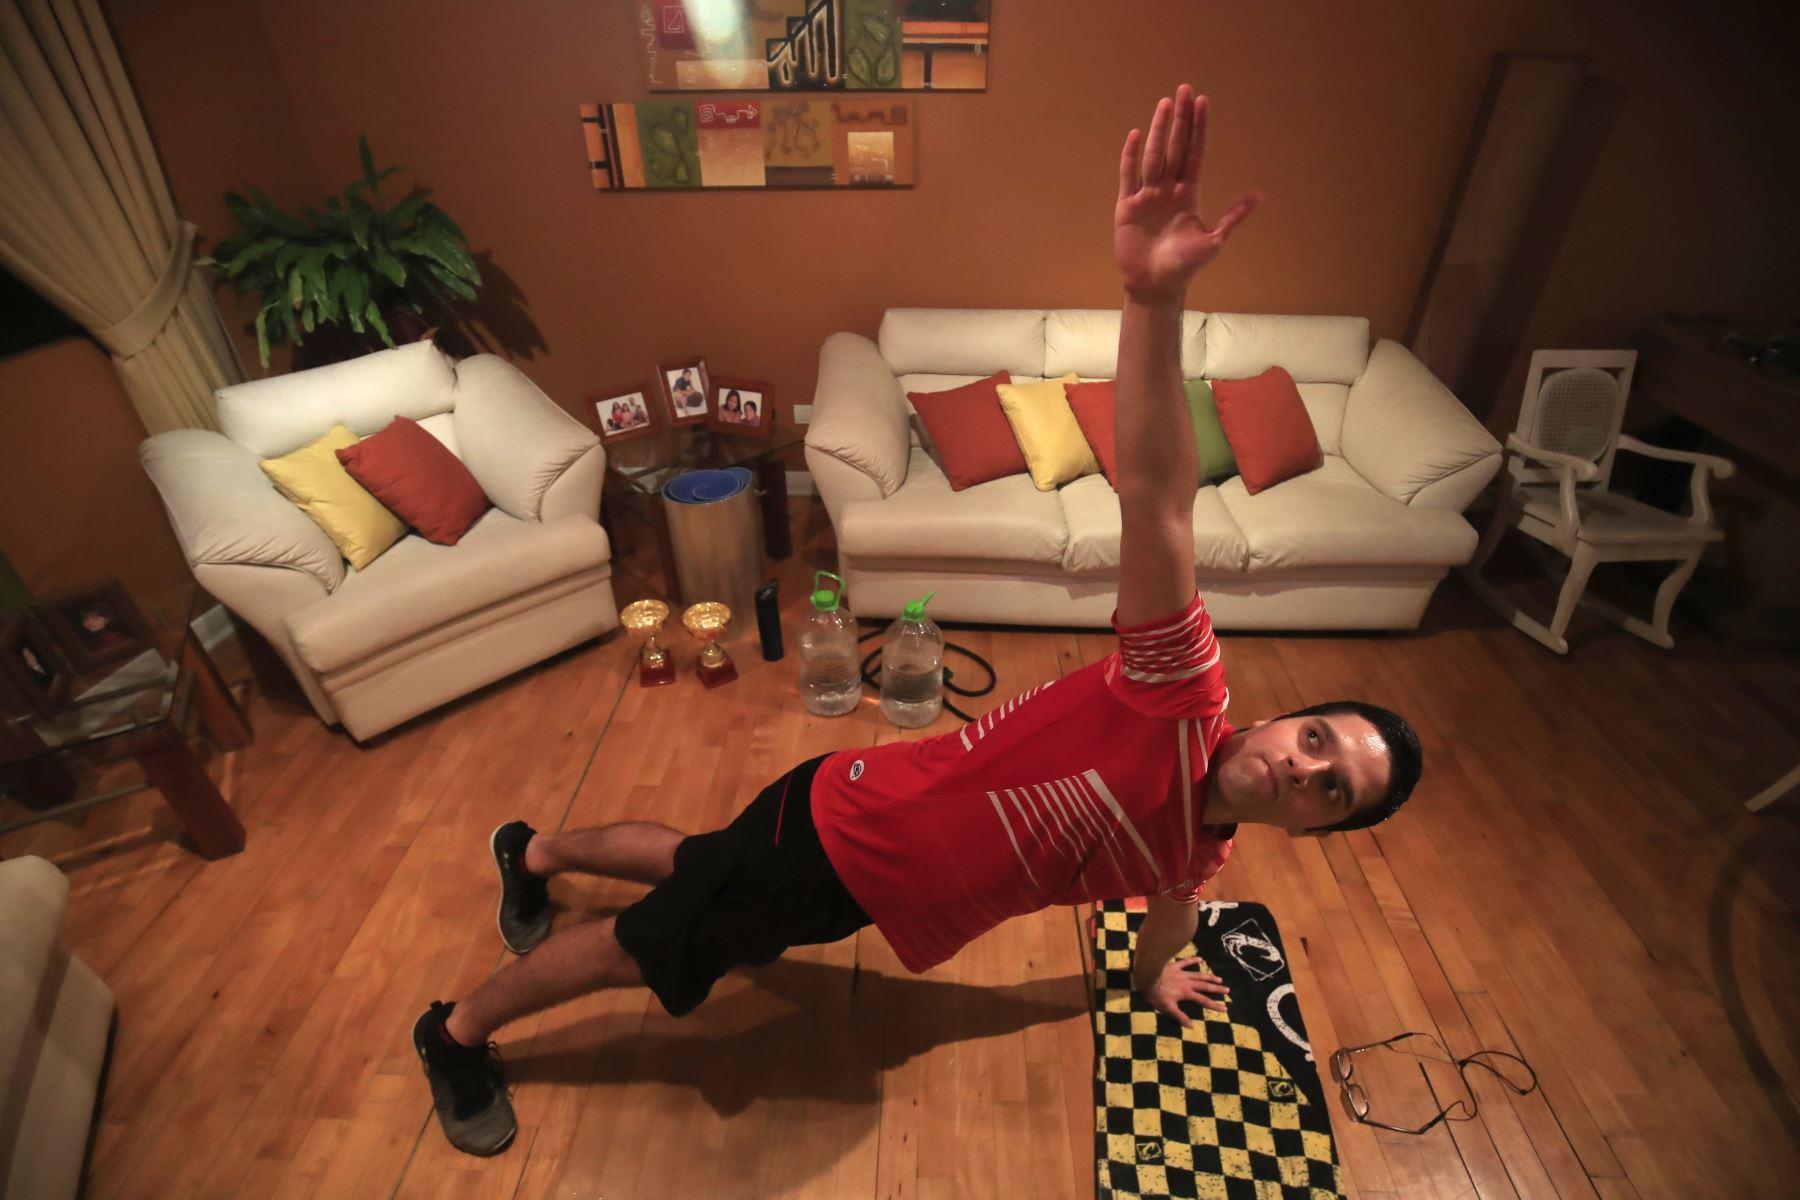 Rodrigo Ramírez deportista modalidad natación en aguas abiertas realiza ejercicios de alta intensidad en la sala de su casa. Debido a la cuarentena impuesta por el Estado para evitar contagios de covid-19 muchos deportistas han adaptado sus viviendas como centro de preparación para no perder el ritmo competitivo.  Foto: ANDINA / Juan Carlos Guzmán Negrini